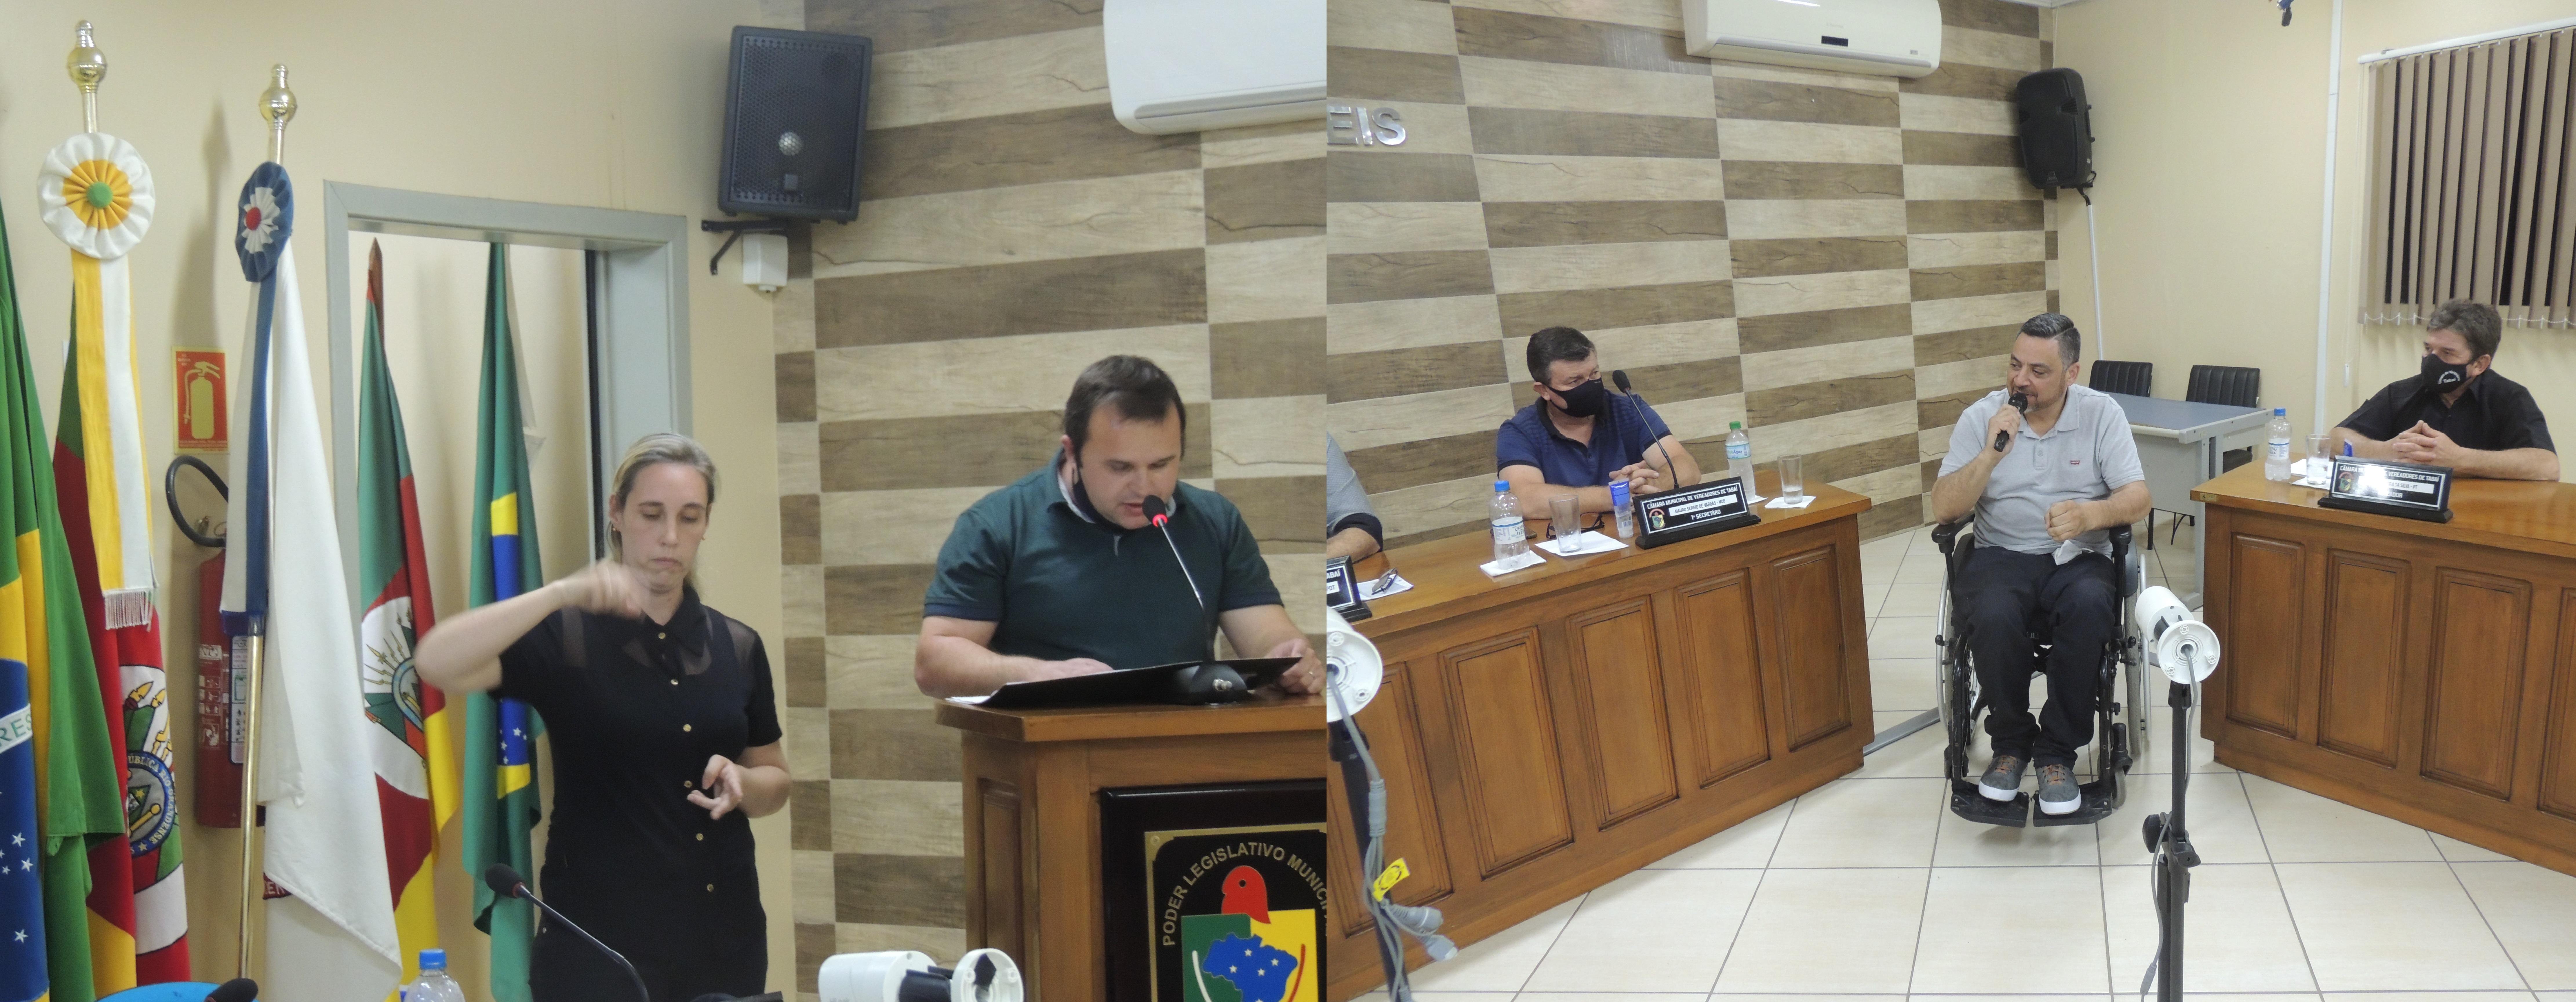 Sessão Ordinária do dia 01 de setembro de 2021-Foto divulgação: Jorge Ramos -Tabaí/RS